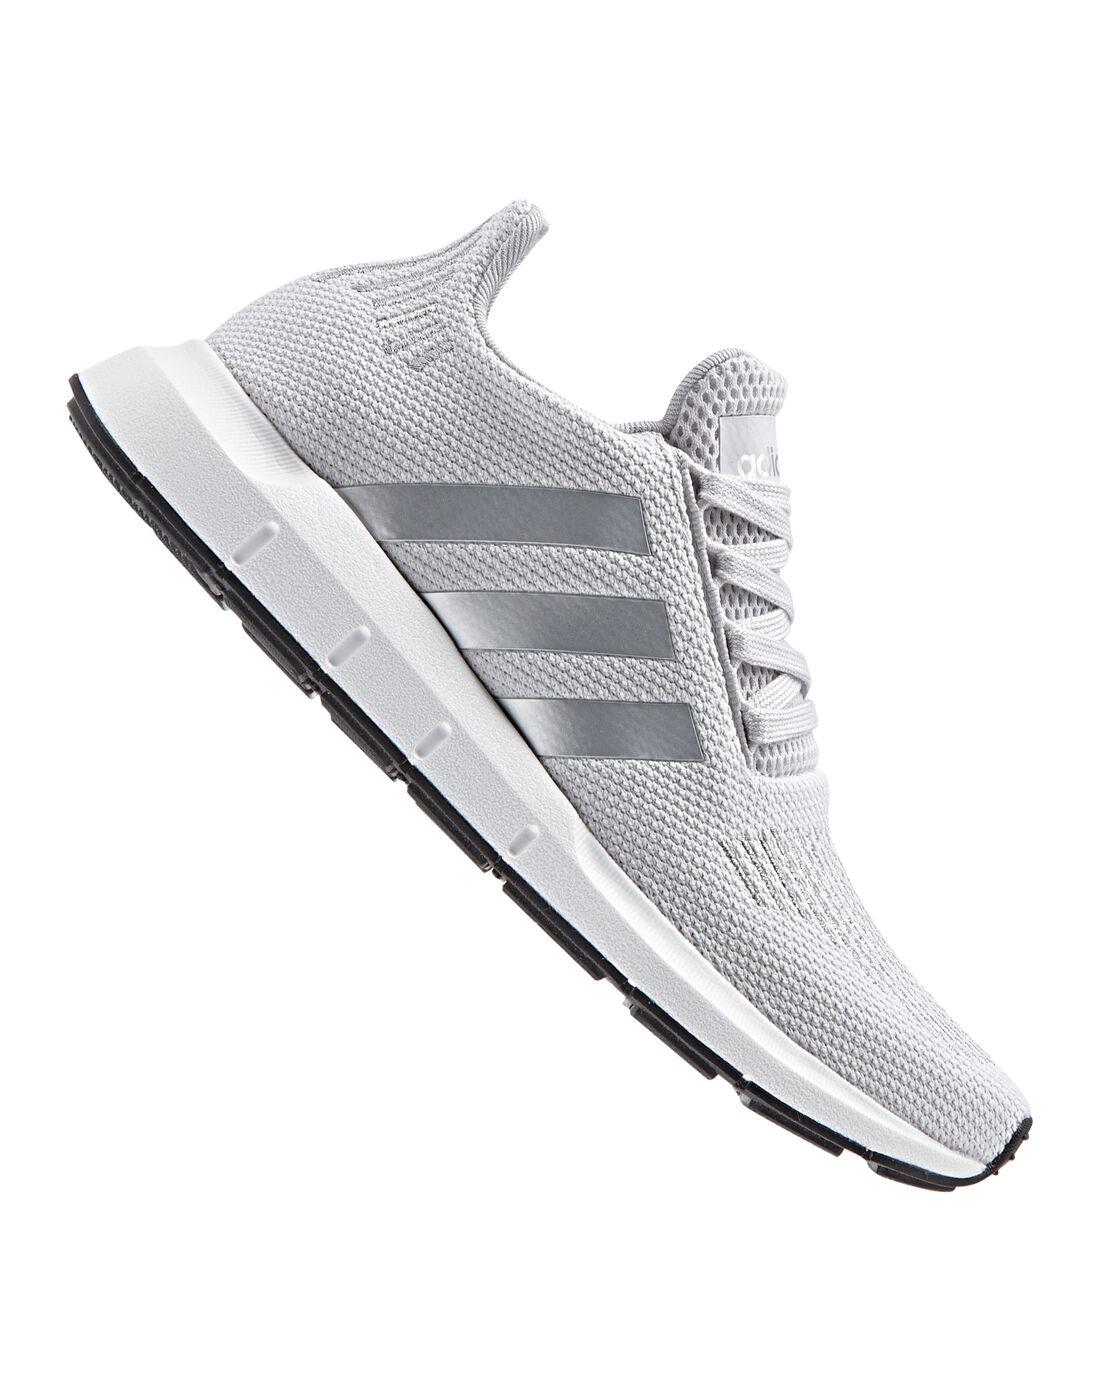 Adidas Originali Donne Swift Run Grey Dello Stile Di Vita Sportiva